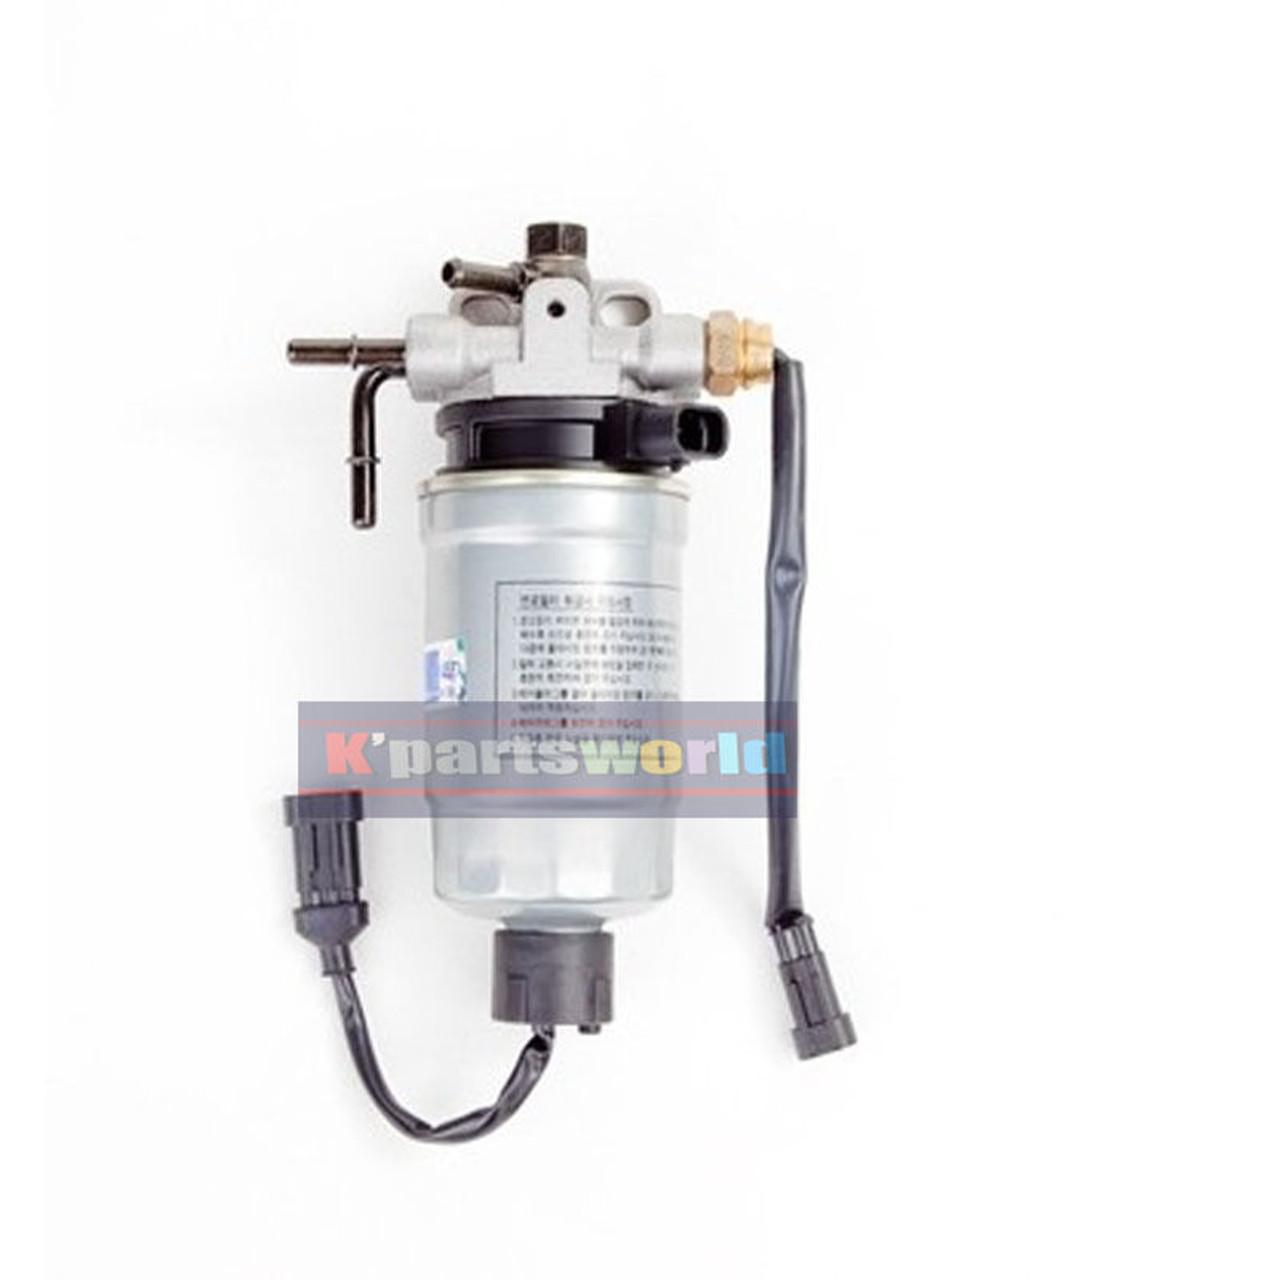 k243 fuel filter water separator assy for hyundai santafe cm 2 2 31970 2b901 [ 1280 x 1280 Pixel ]